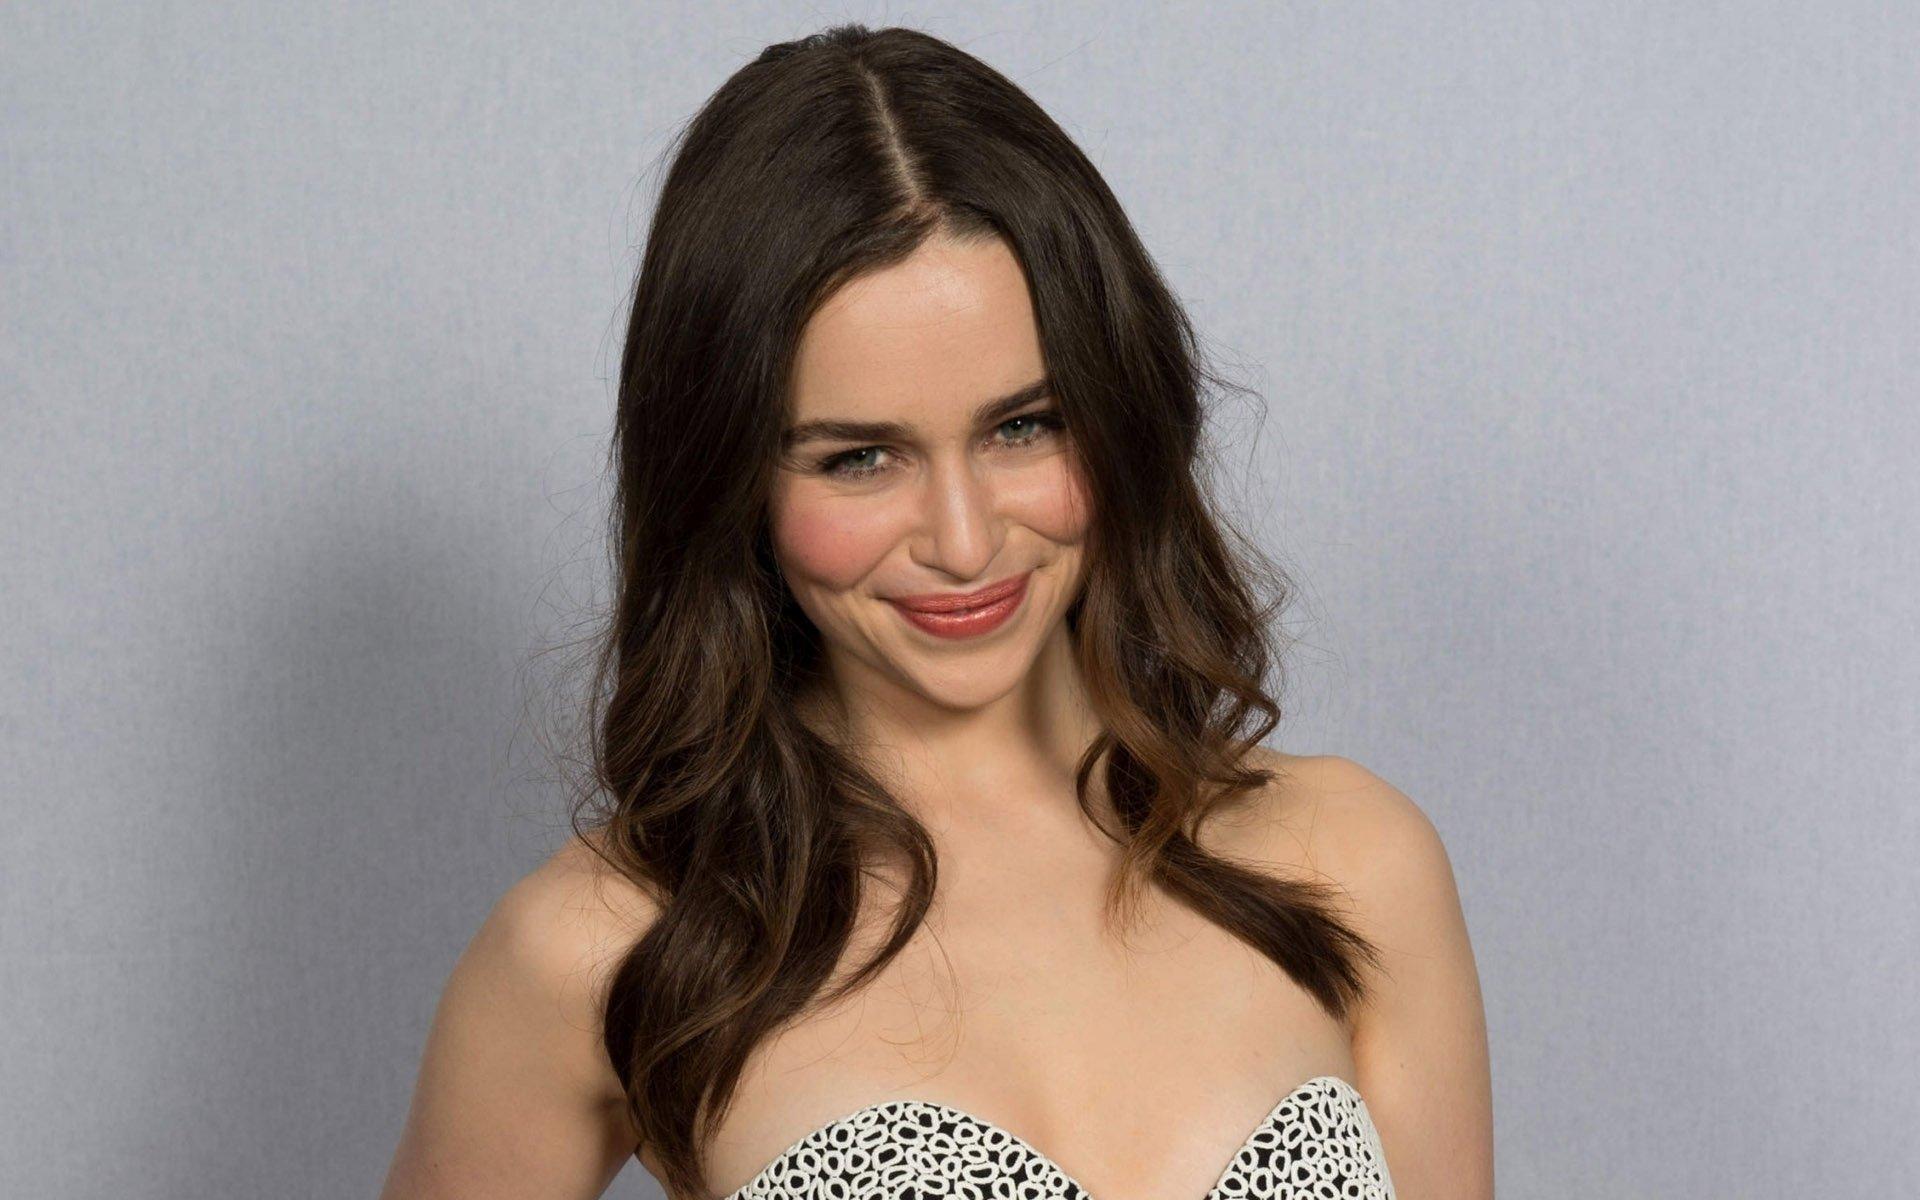 Emilia Clarke Images